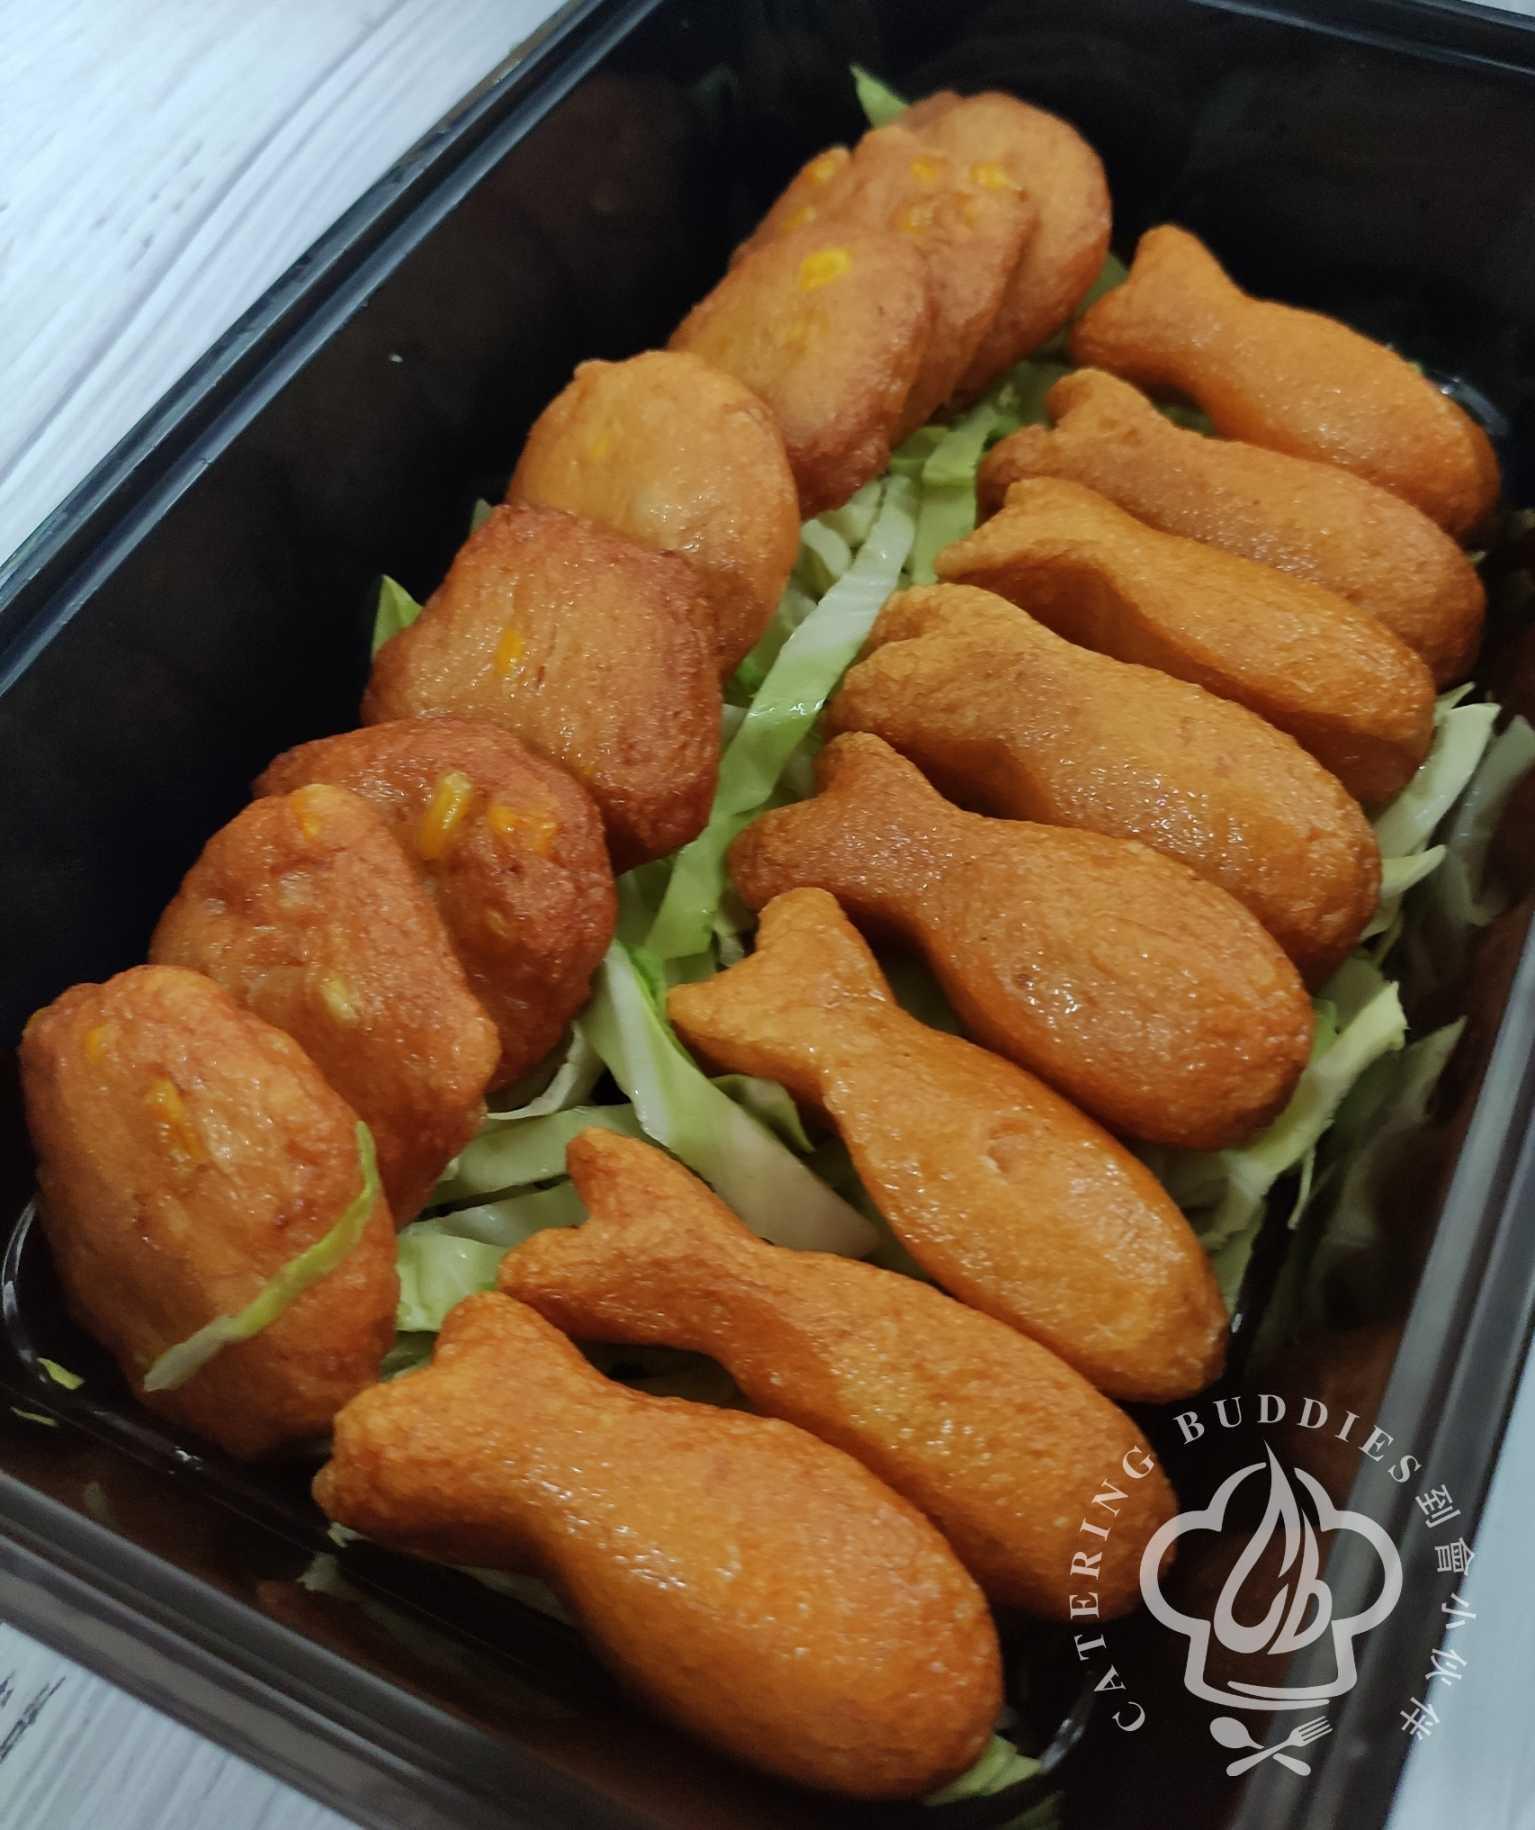 雙雙魚餅: 炸粟米墨魚餅拼一口魚餅(15件)